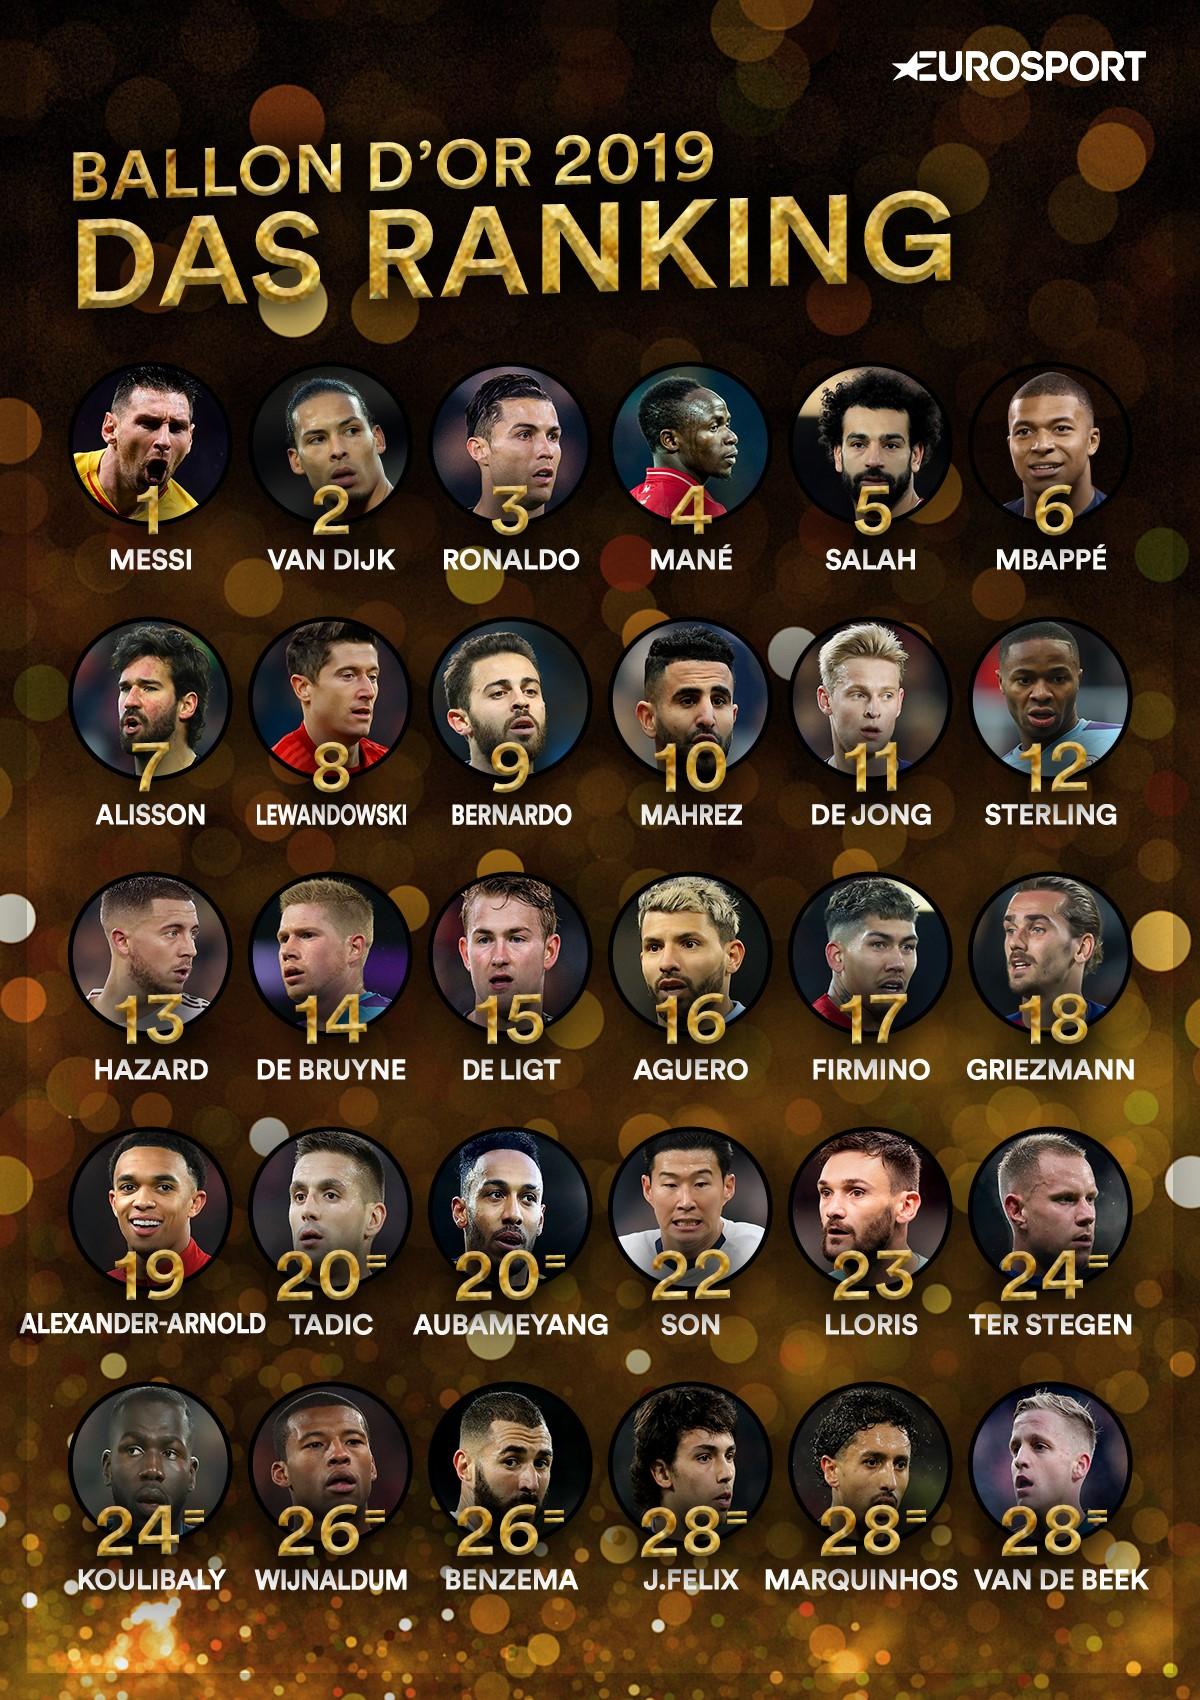 Ranking: Die Top 30 des Ballon d'Or 2019